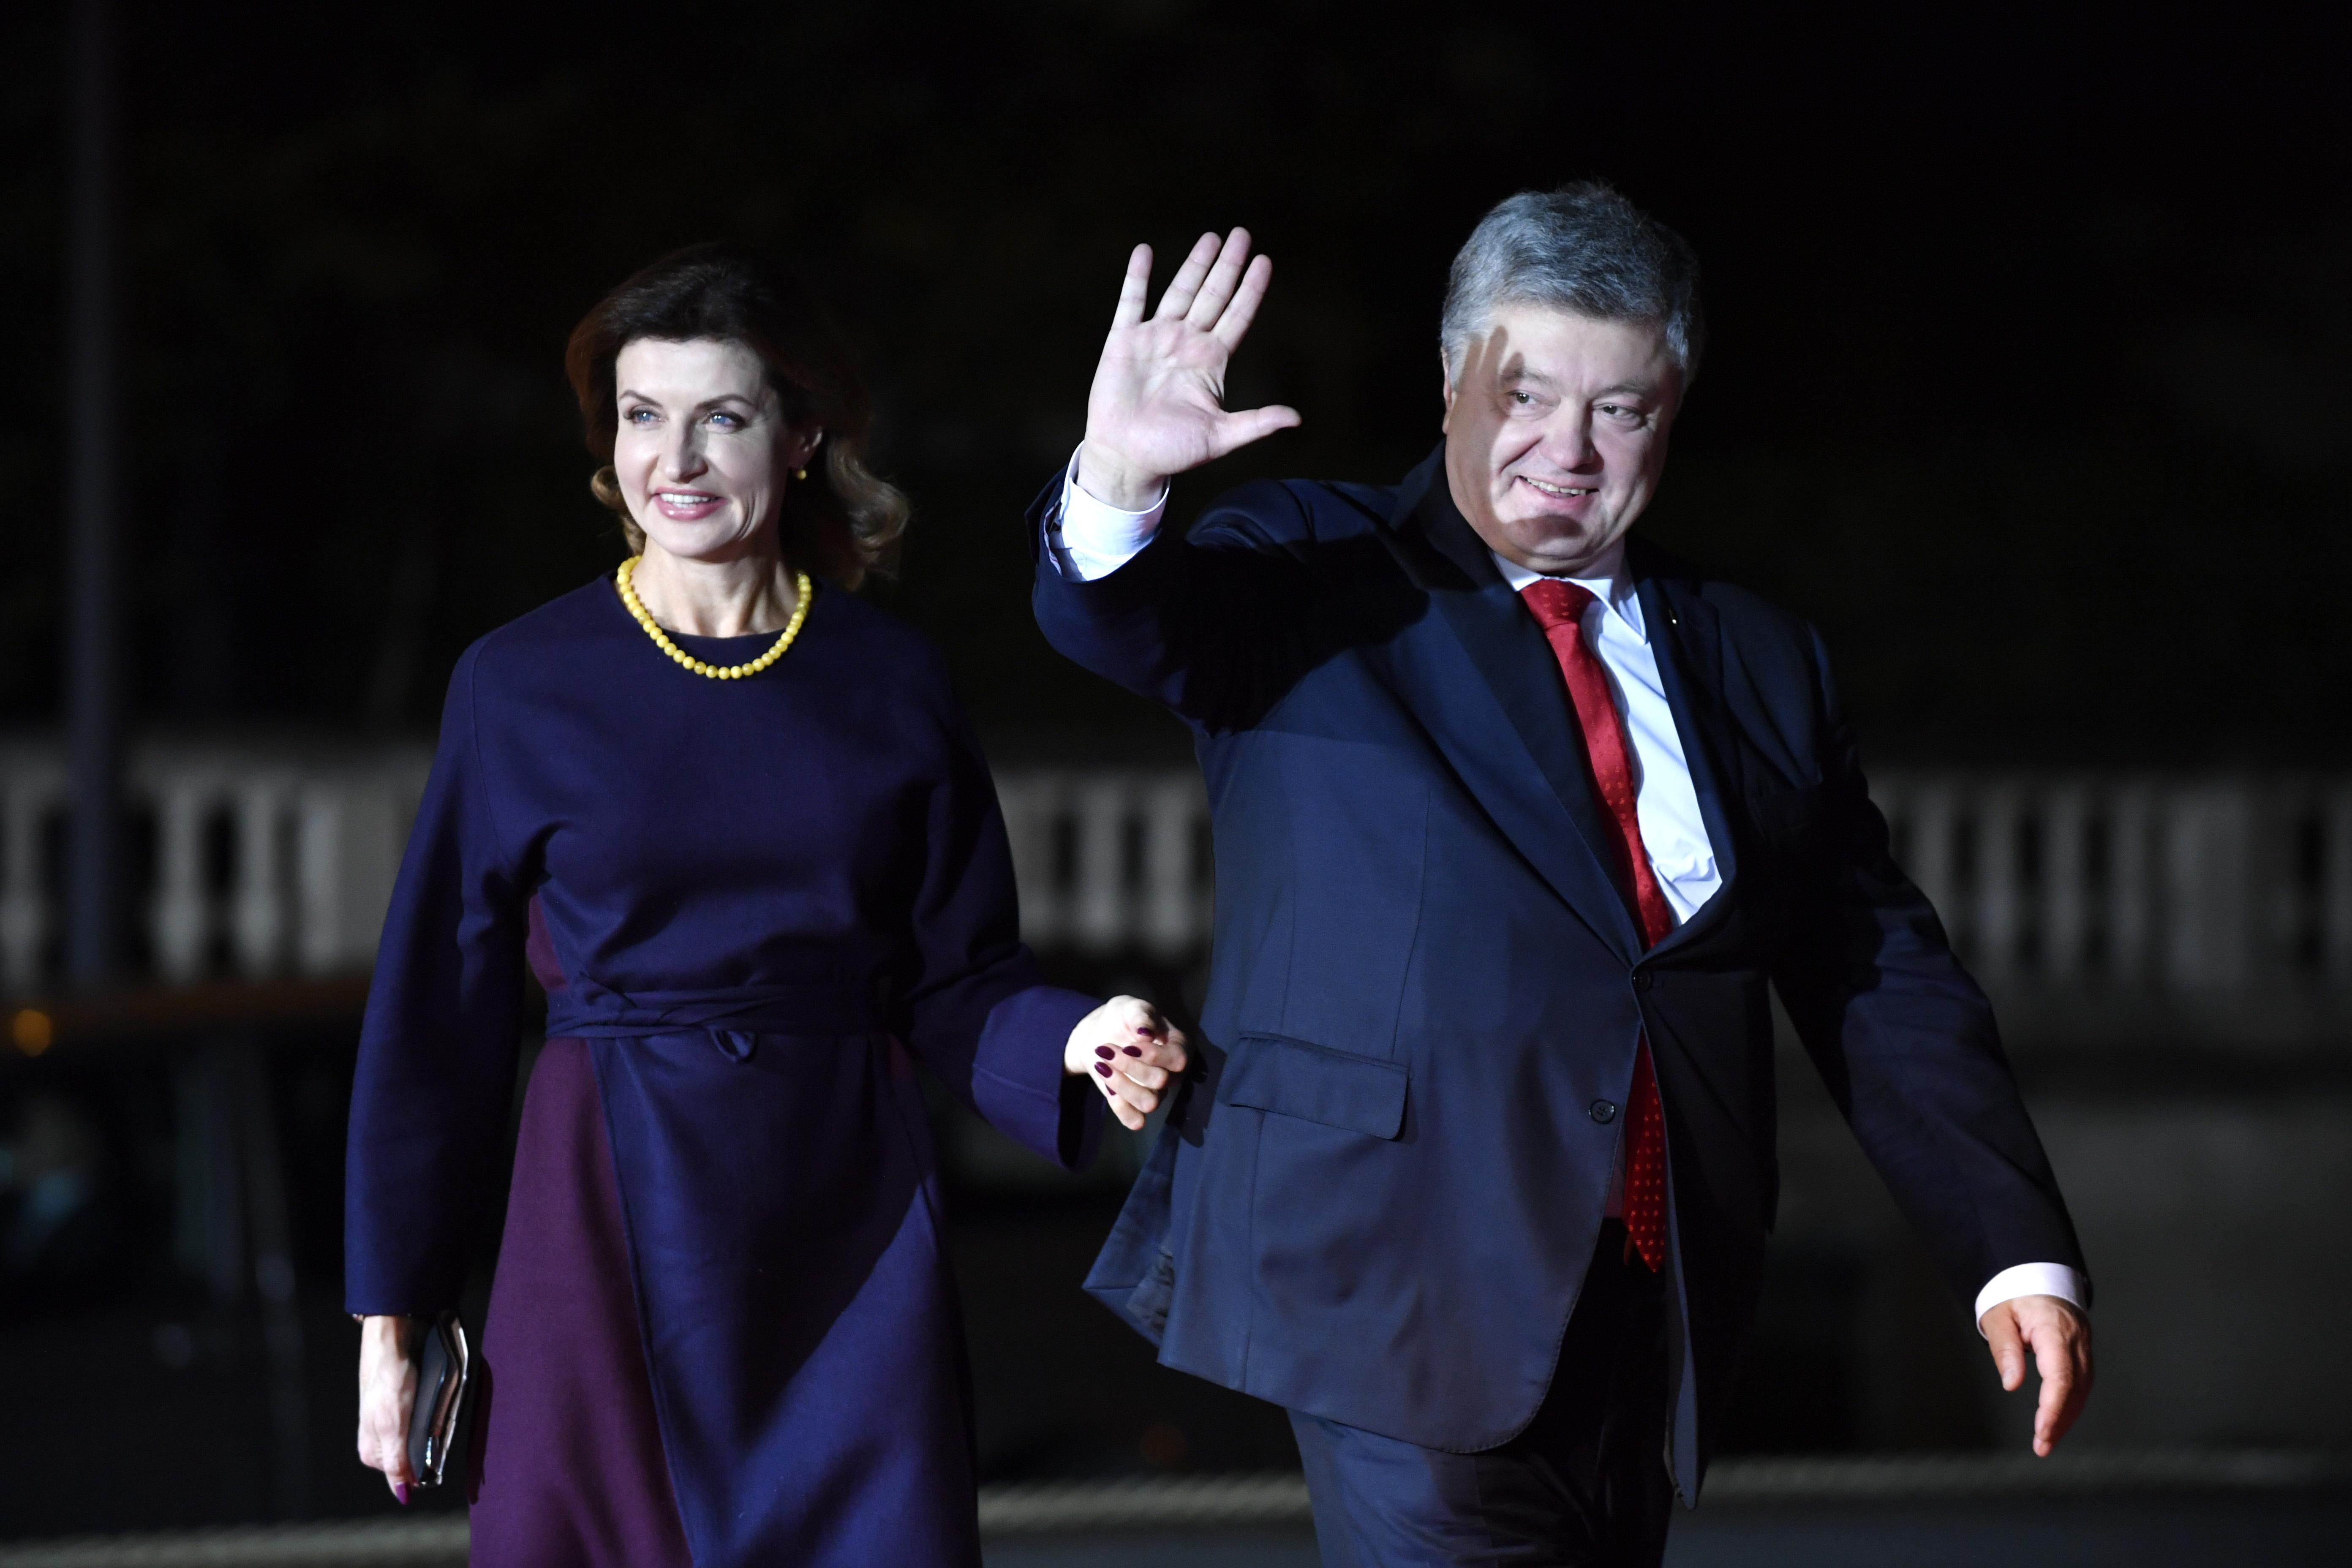 Украинският президент Петро Порошенко и съпругата му Марина